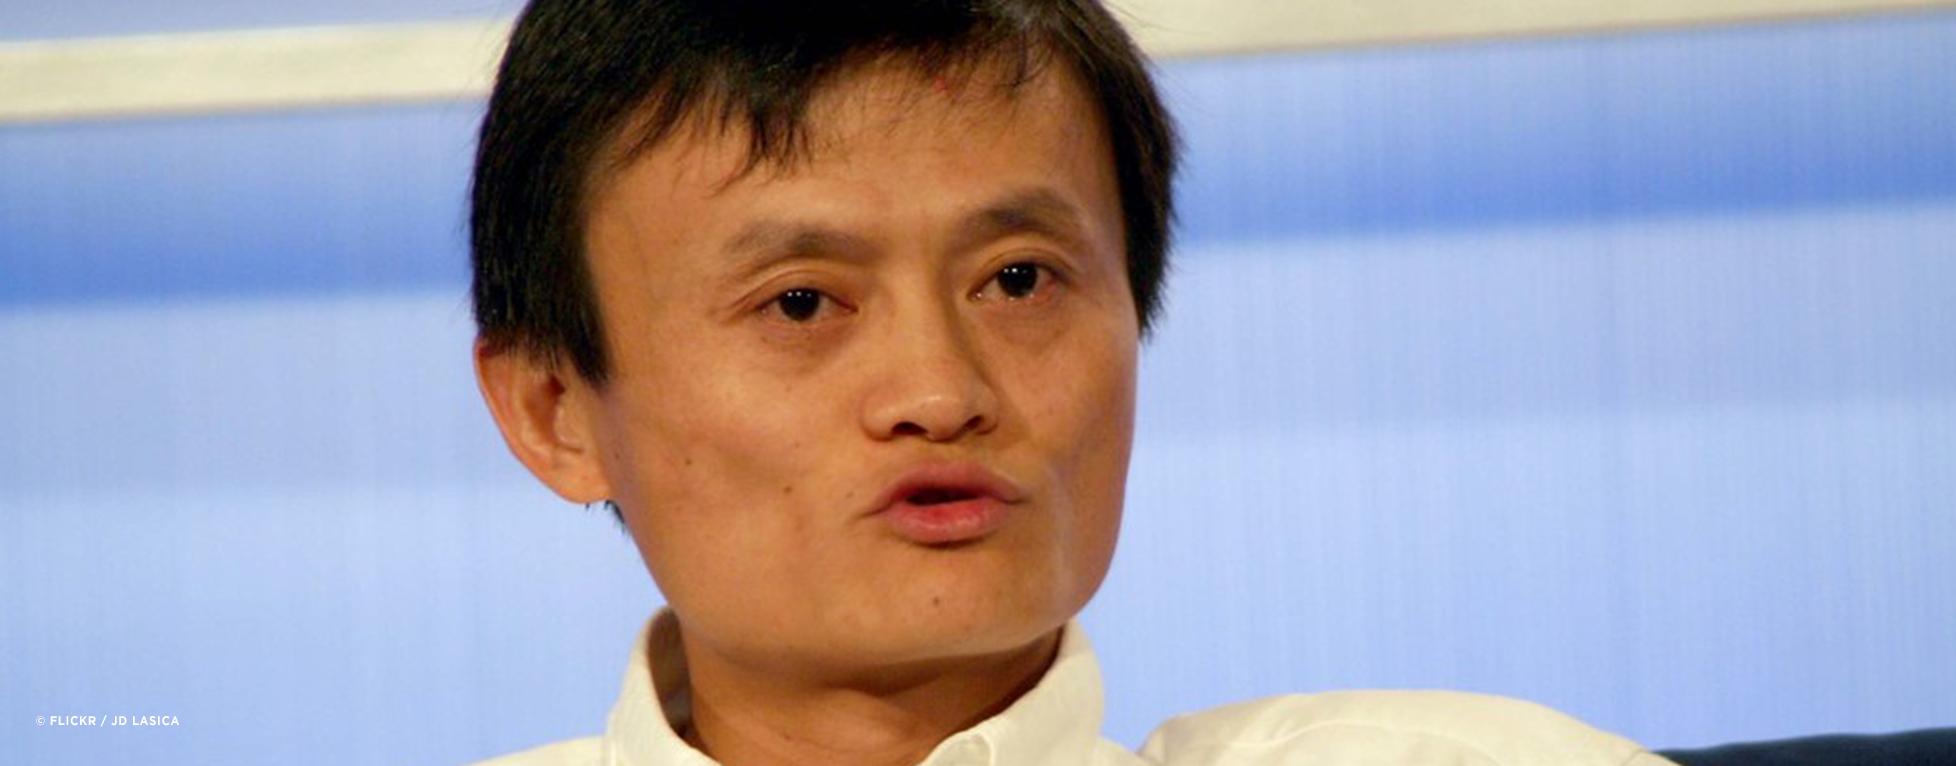 Jack Ma, le patron et fondateur d'Alibaba vient de prendre sa retraite…